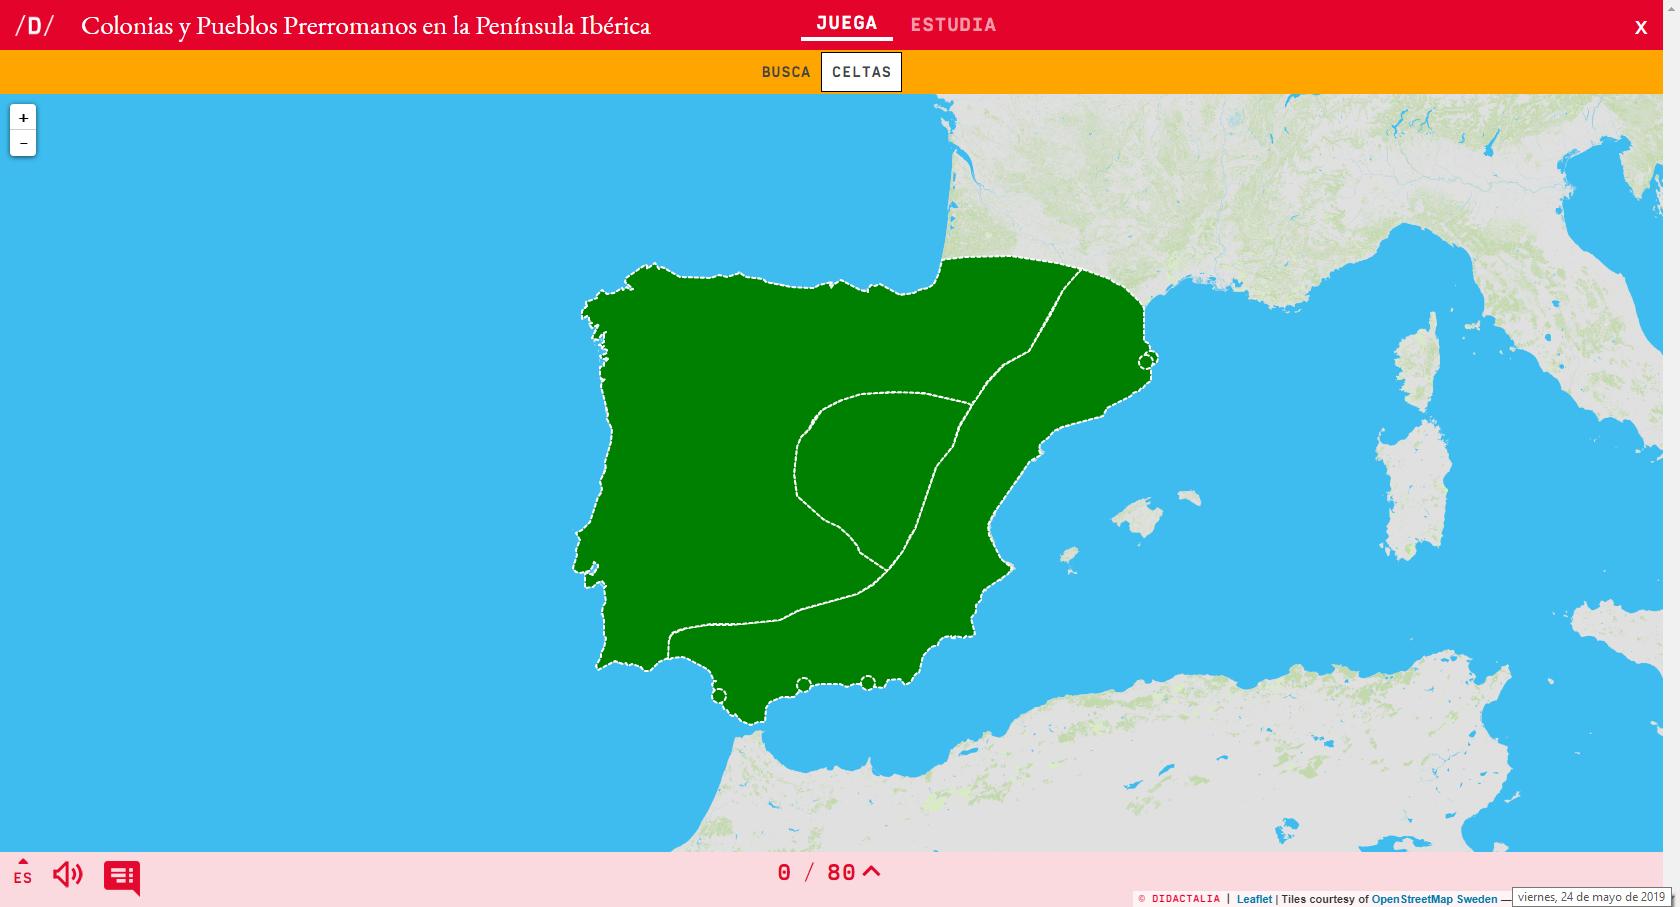 Capitales et peuples préromains de la péninsule ibérique